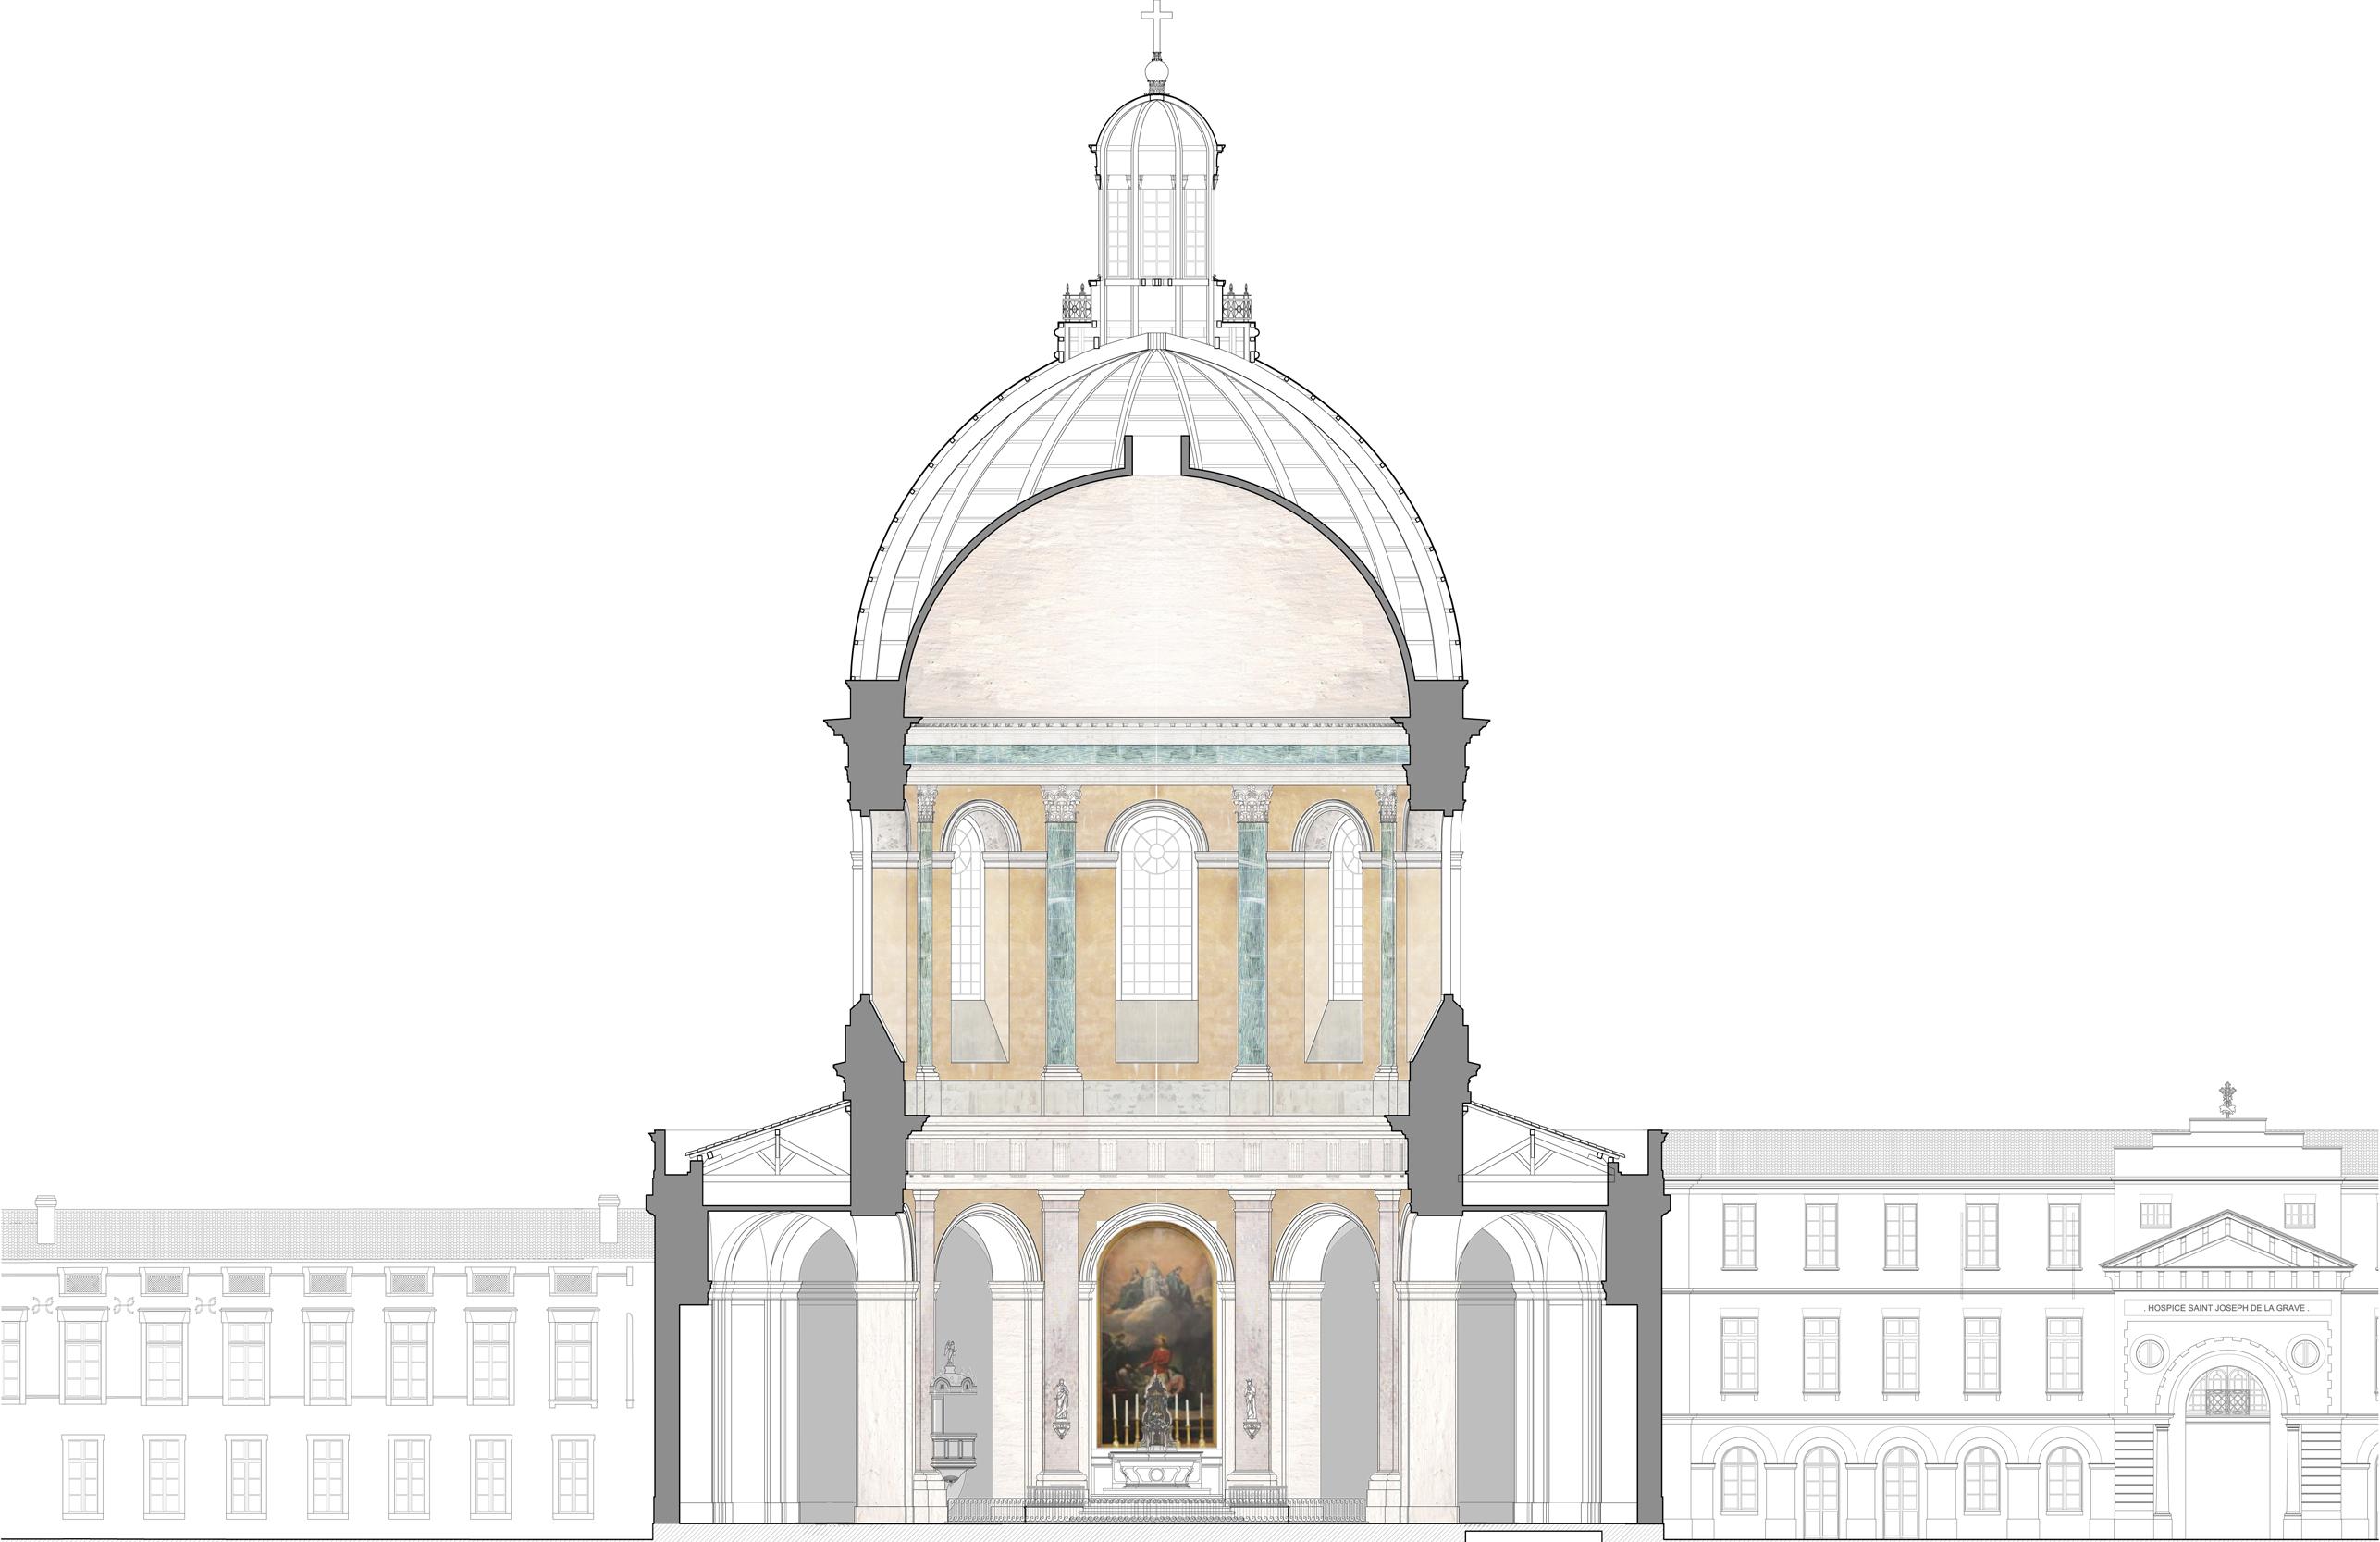 Agence Caillault ACMH – Chapelle Saint-Joseph – Toulouse – Coupe longitudinale